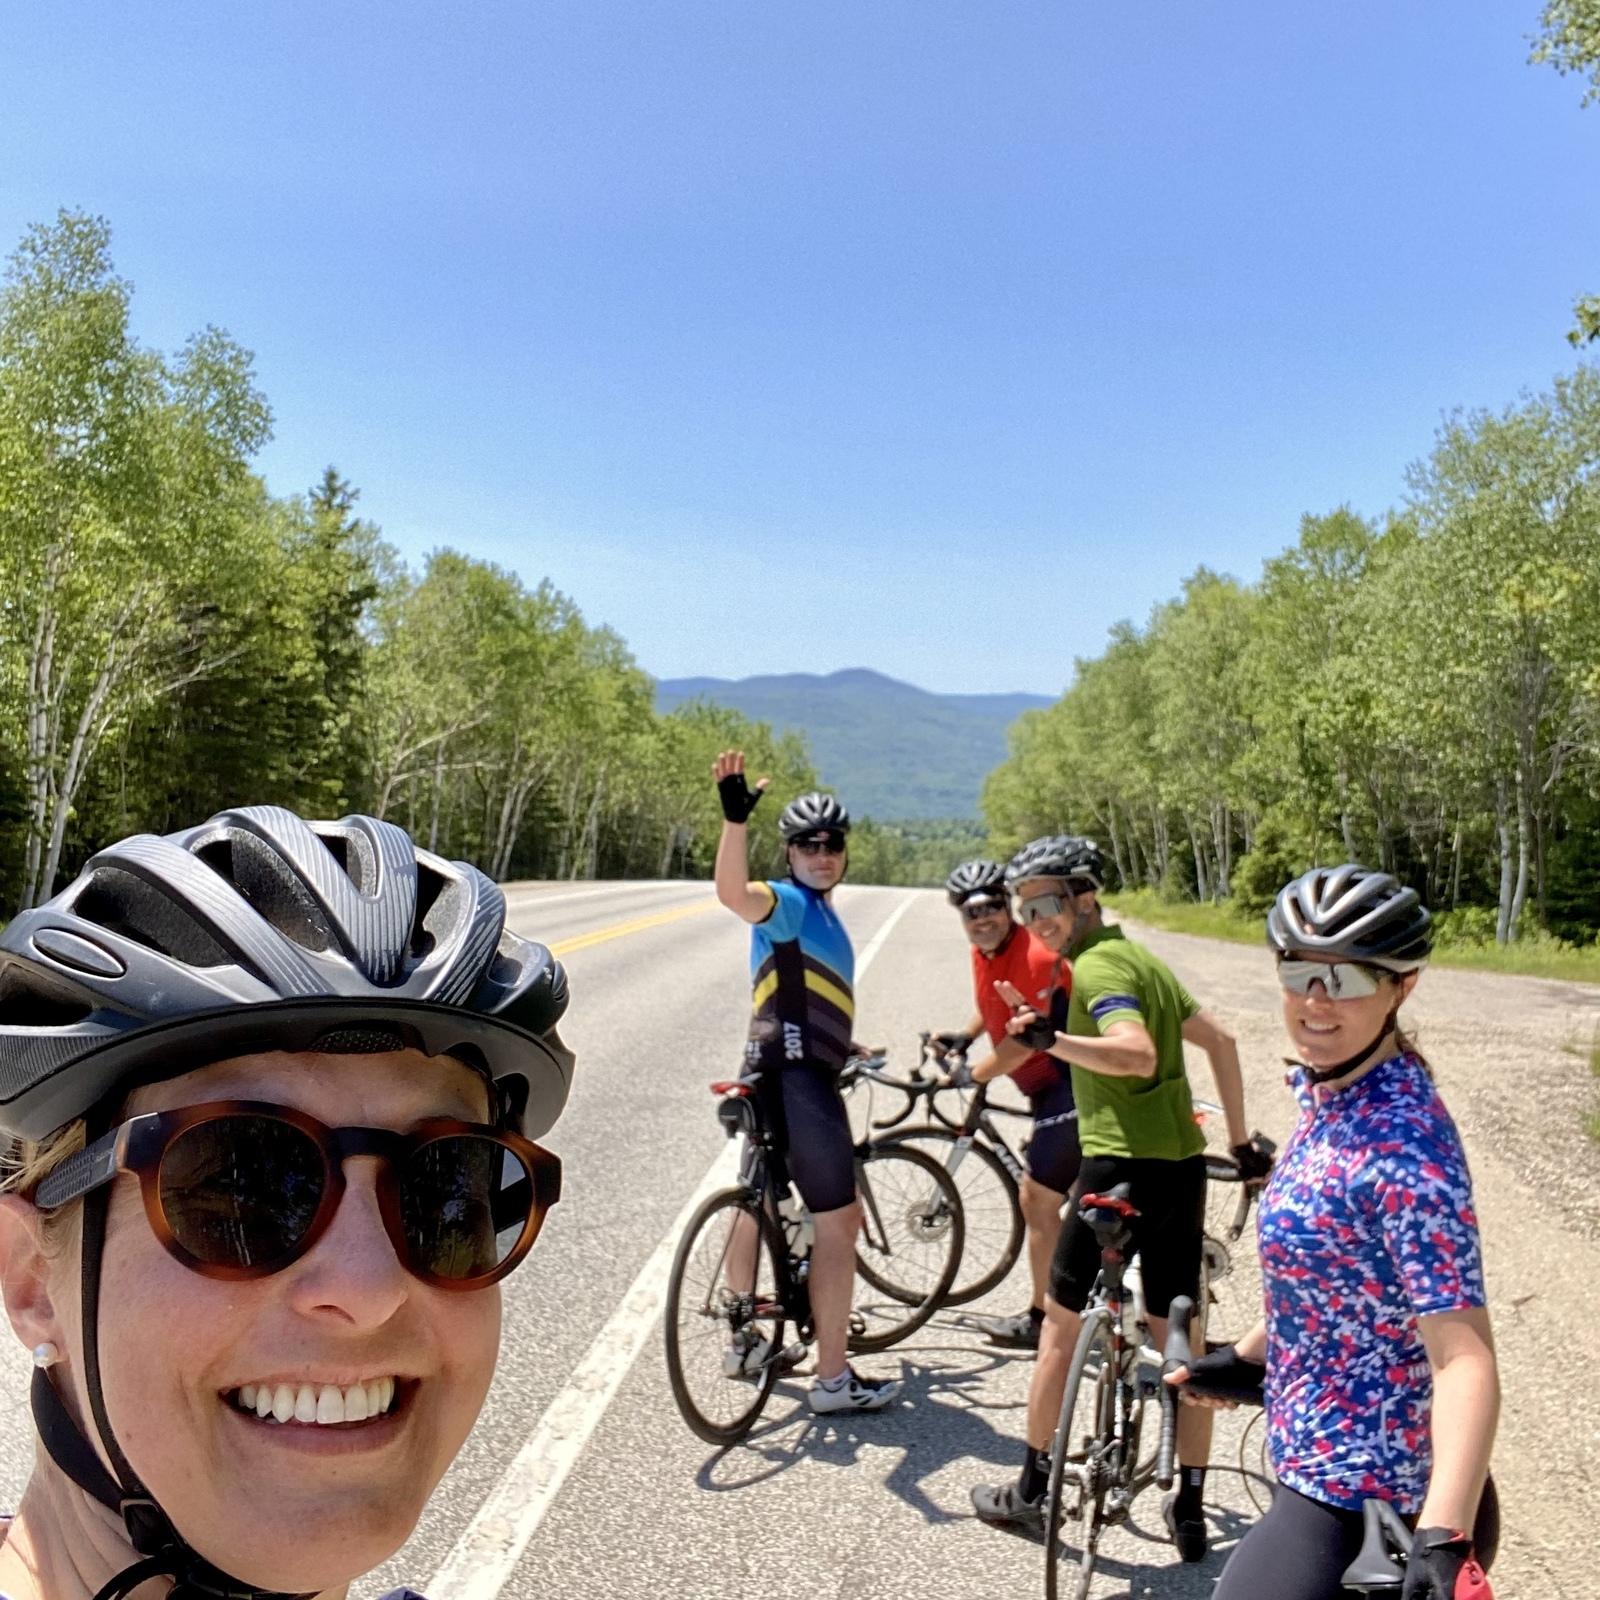 Le Mireteam au camp d'entrainement cycliste du Germain Charlevoix! 🚴🏻♀️🚴🏼🚴♂️🚴♀️🚴🏻♂️